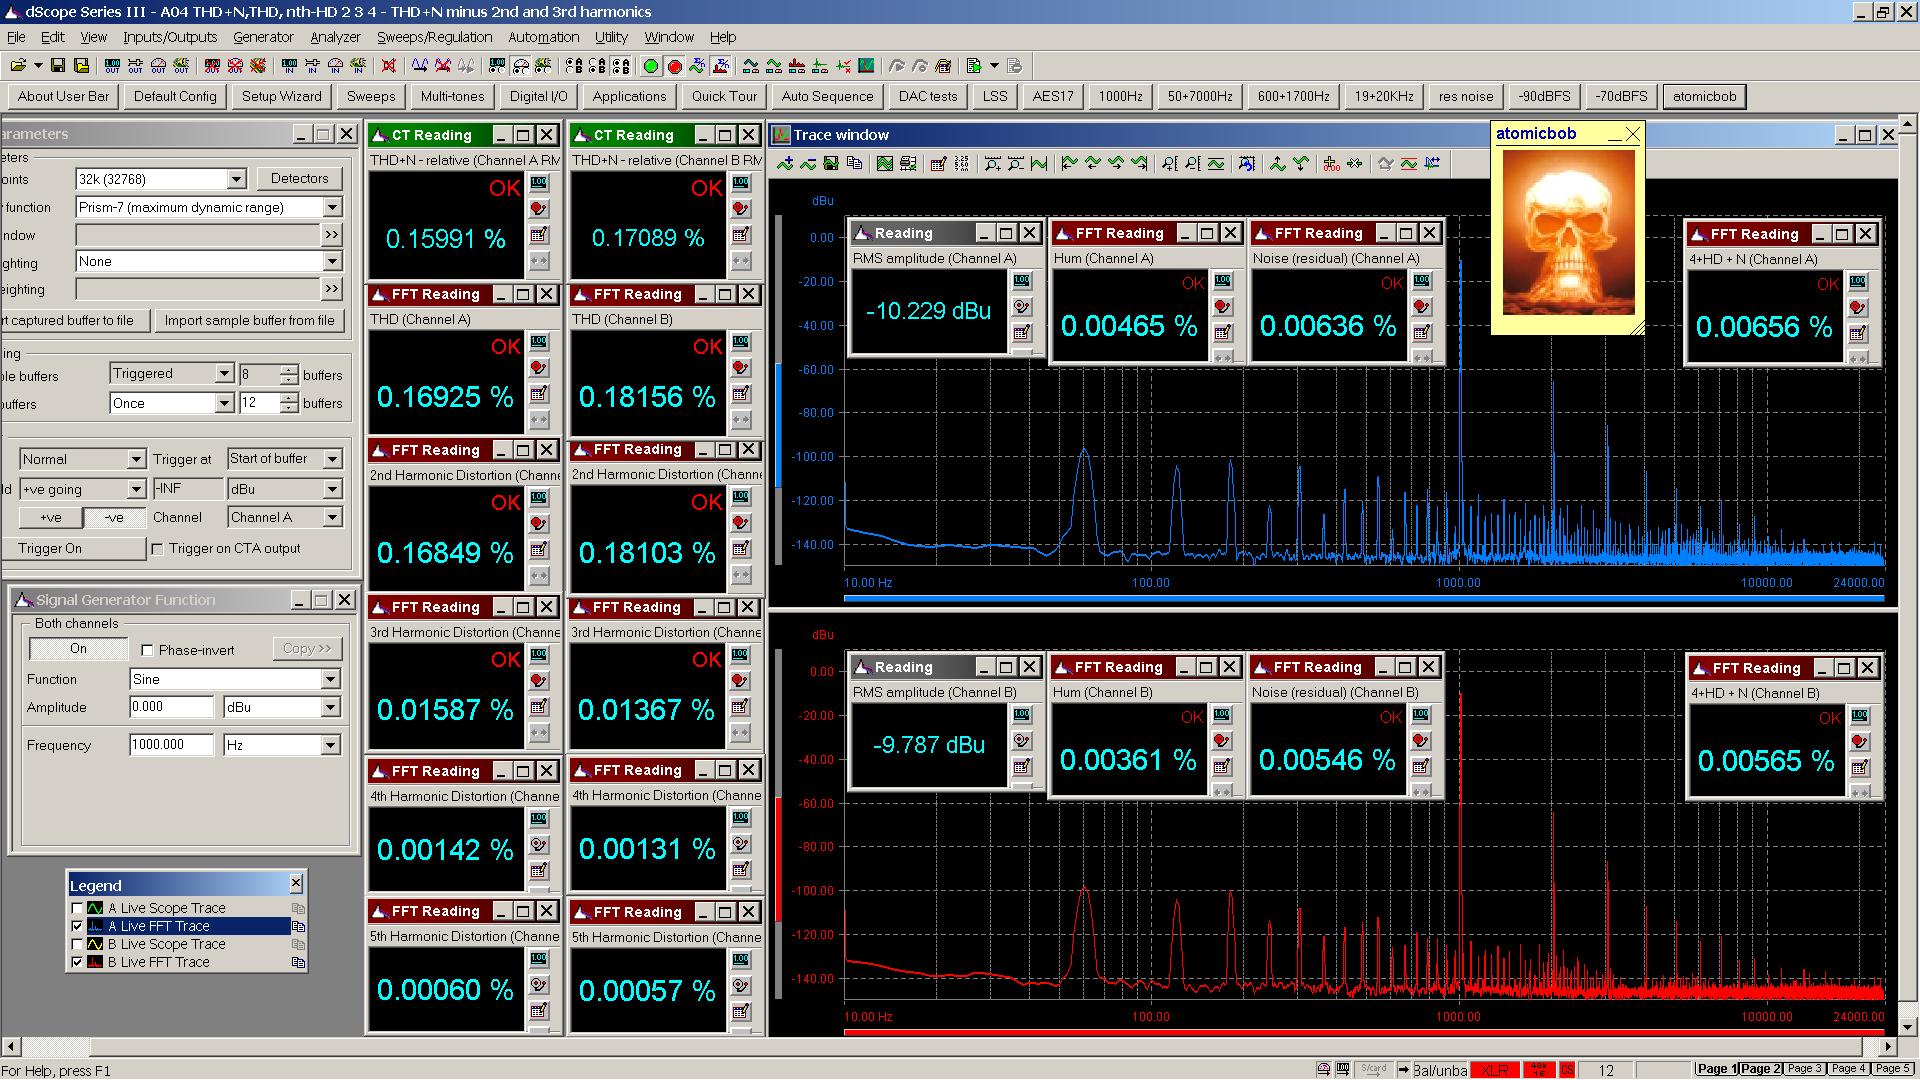 201900930 SW51+ 6Z51P A04 THD+N  THD  nth-HD FFT 300R LoZ - 4+HD+N with 60Hz -10dBu.png